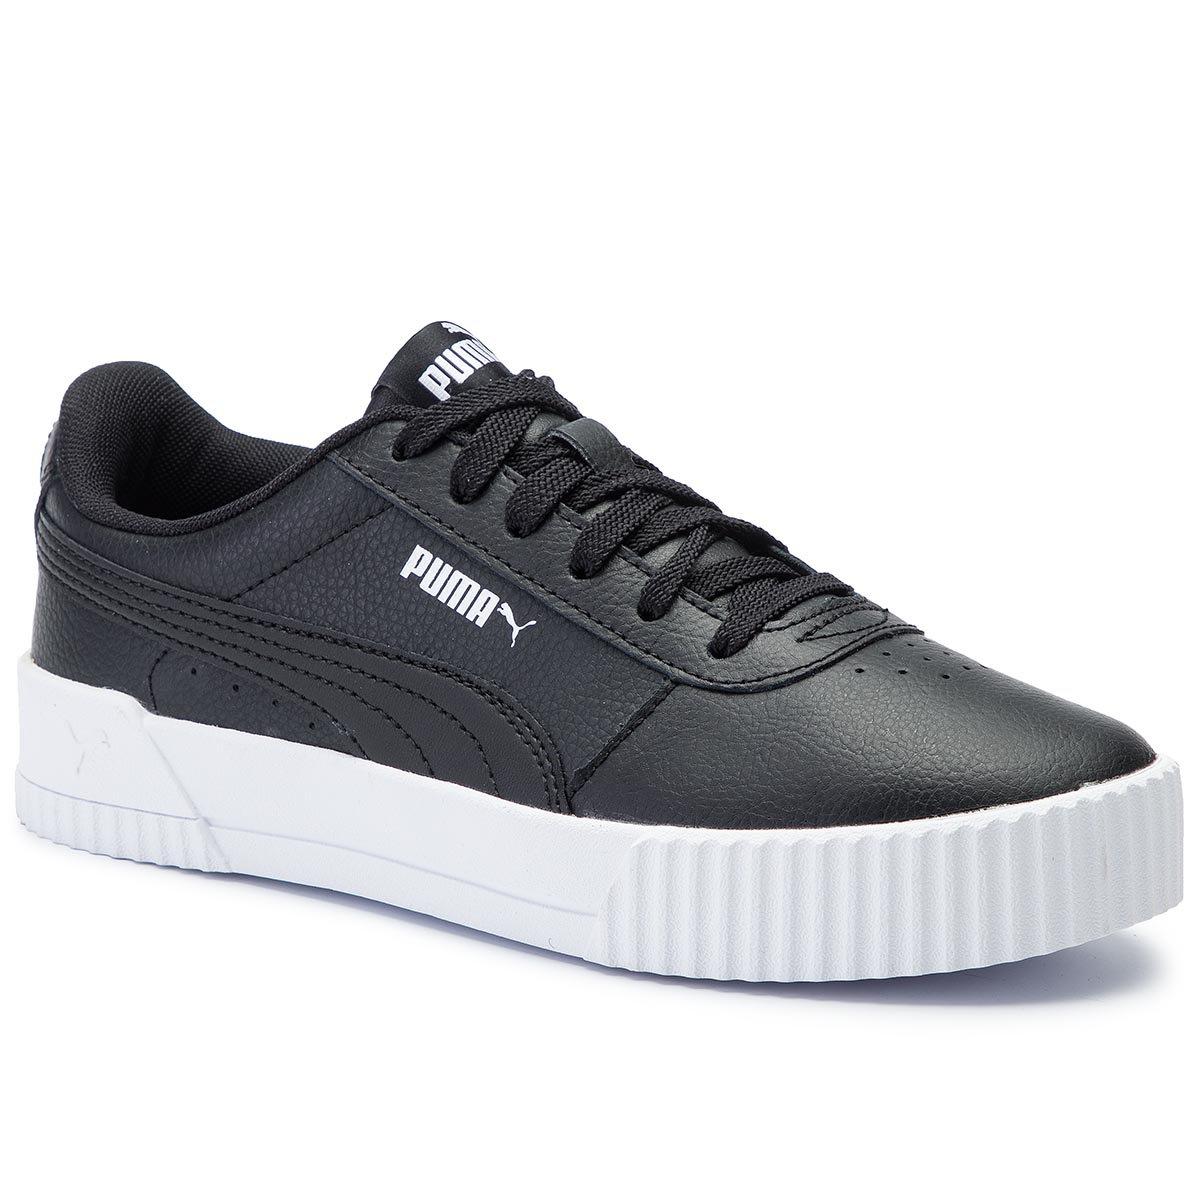 5443a3a84 Sports footwear Puma 37032501 CARINA L Black Women's - https://ccc.eu